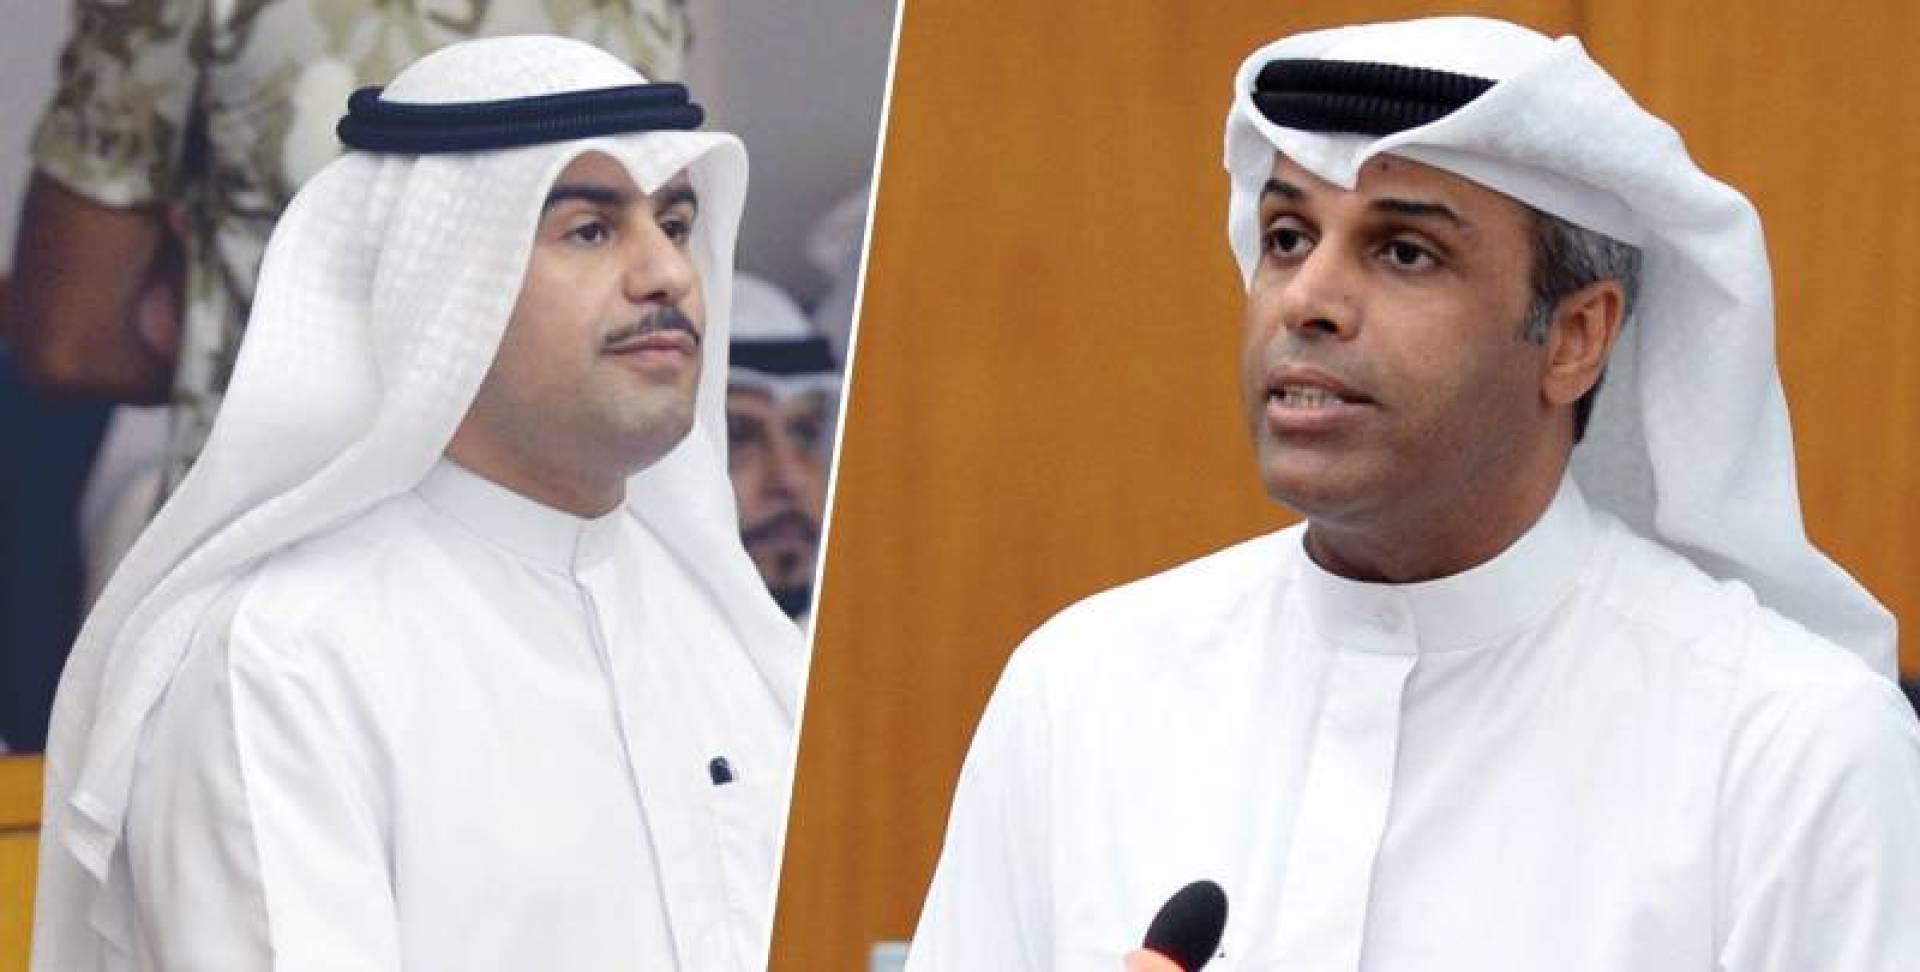 الفاضل: دمج الشركات النفطية لن يؤثر في امتيازات العاملين